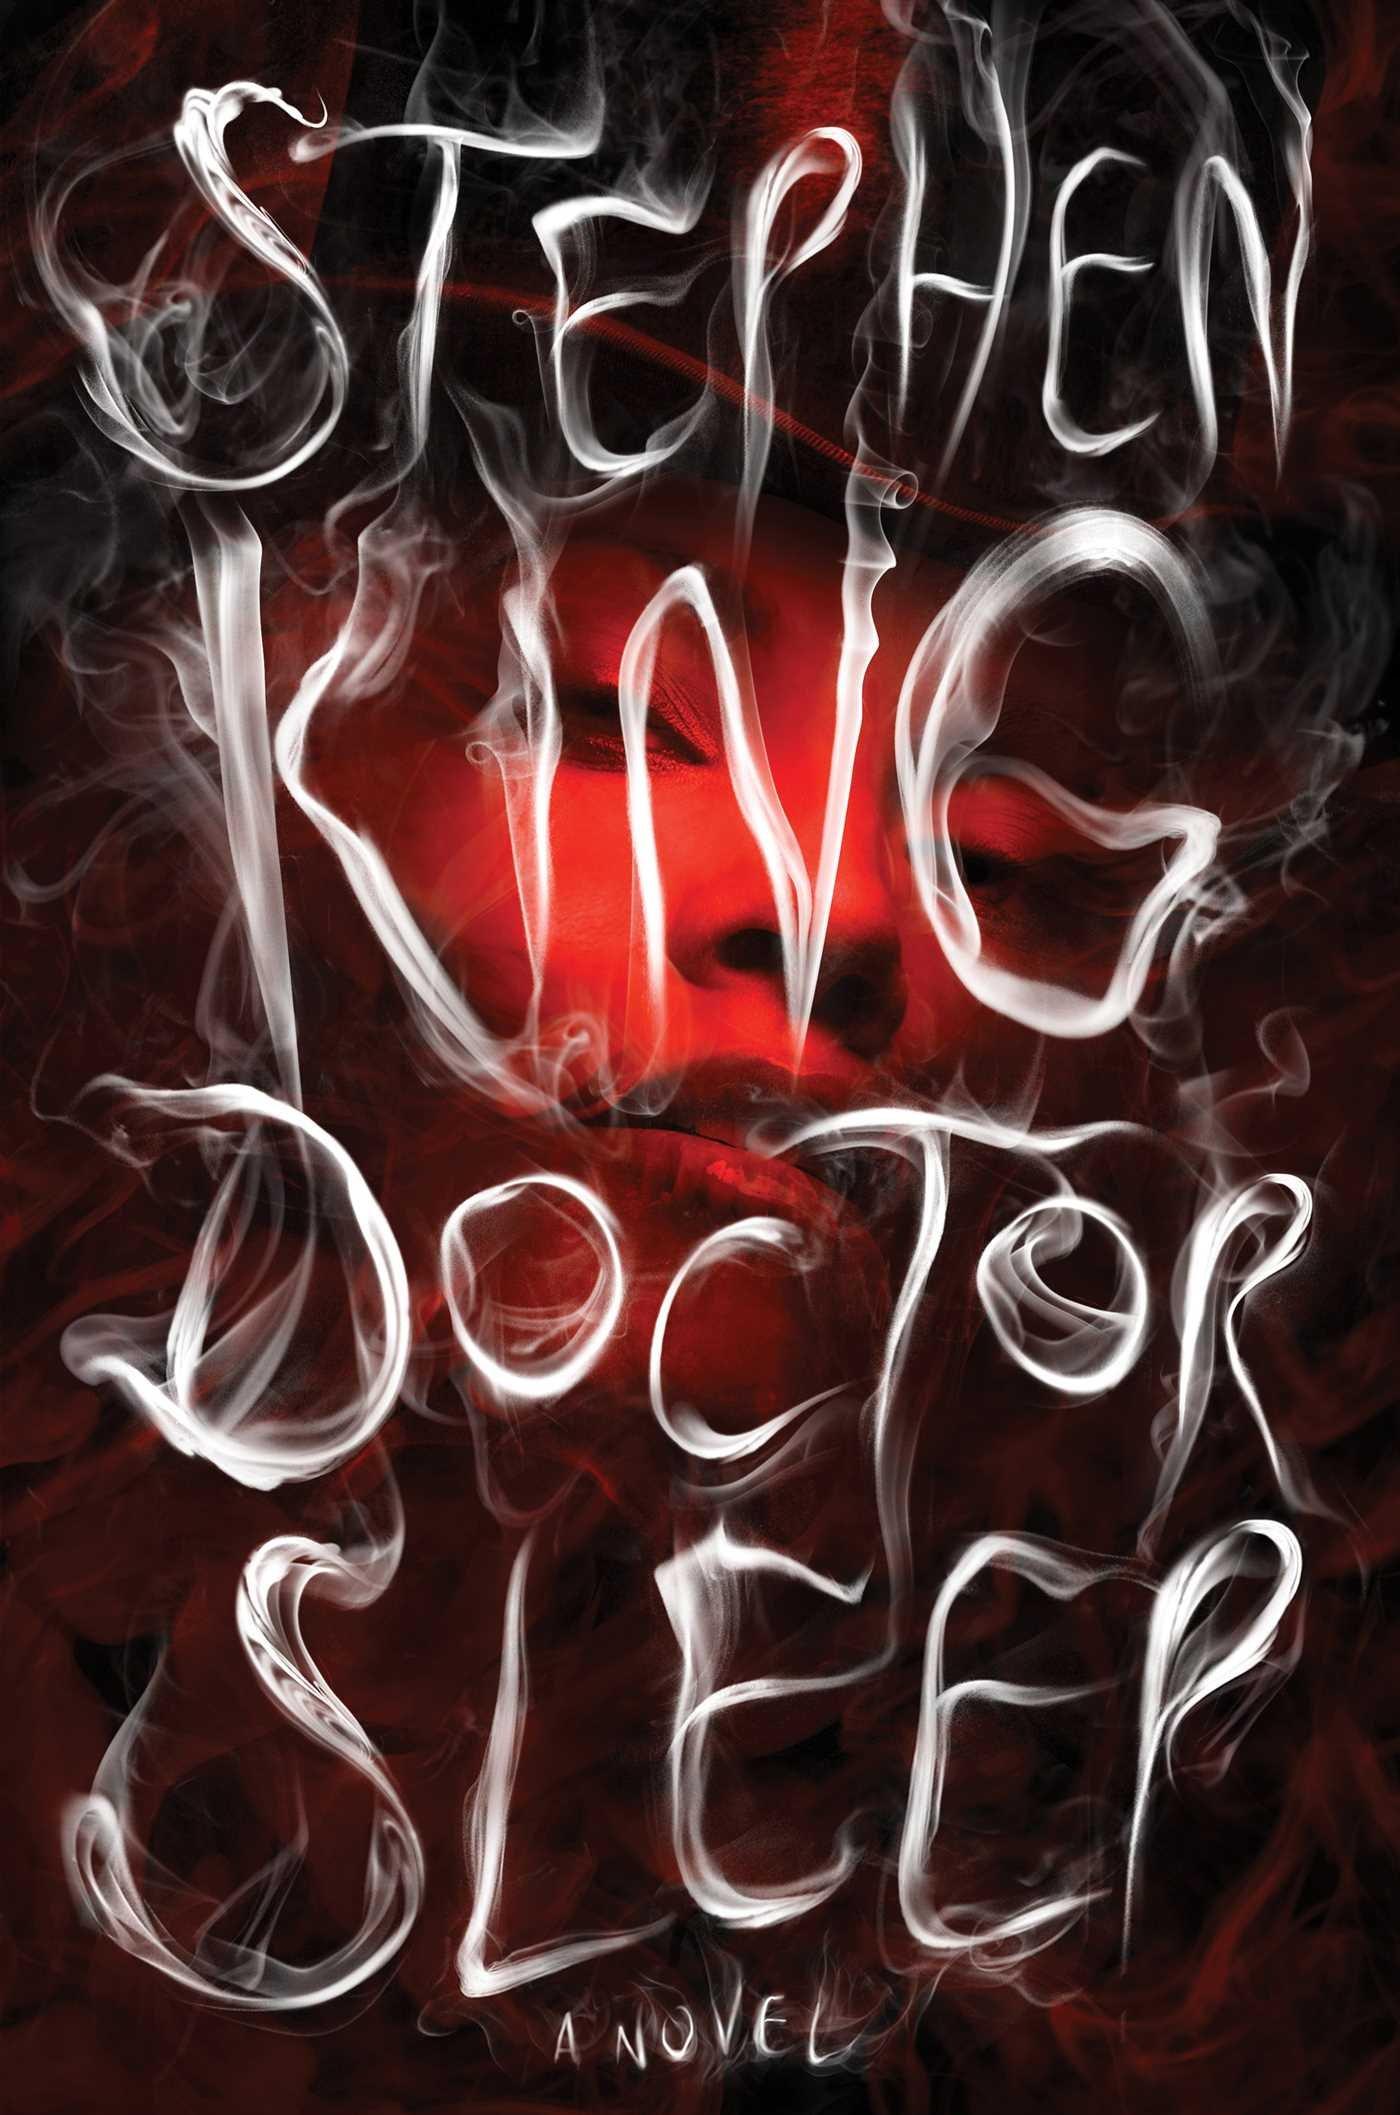 Photography: Doctor Sleep